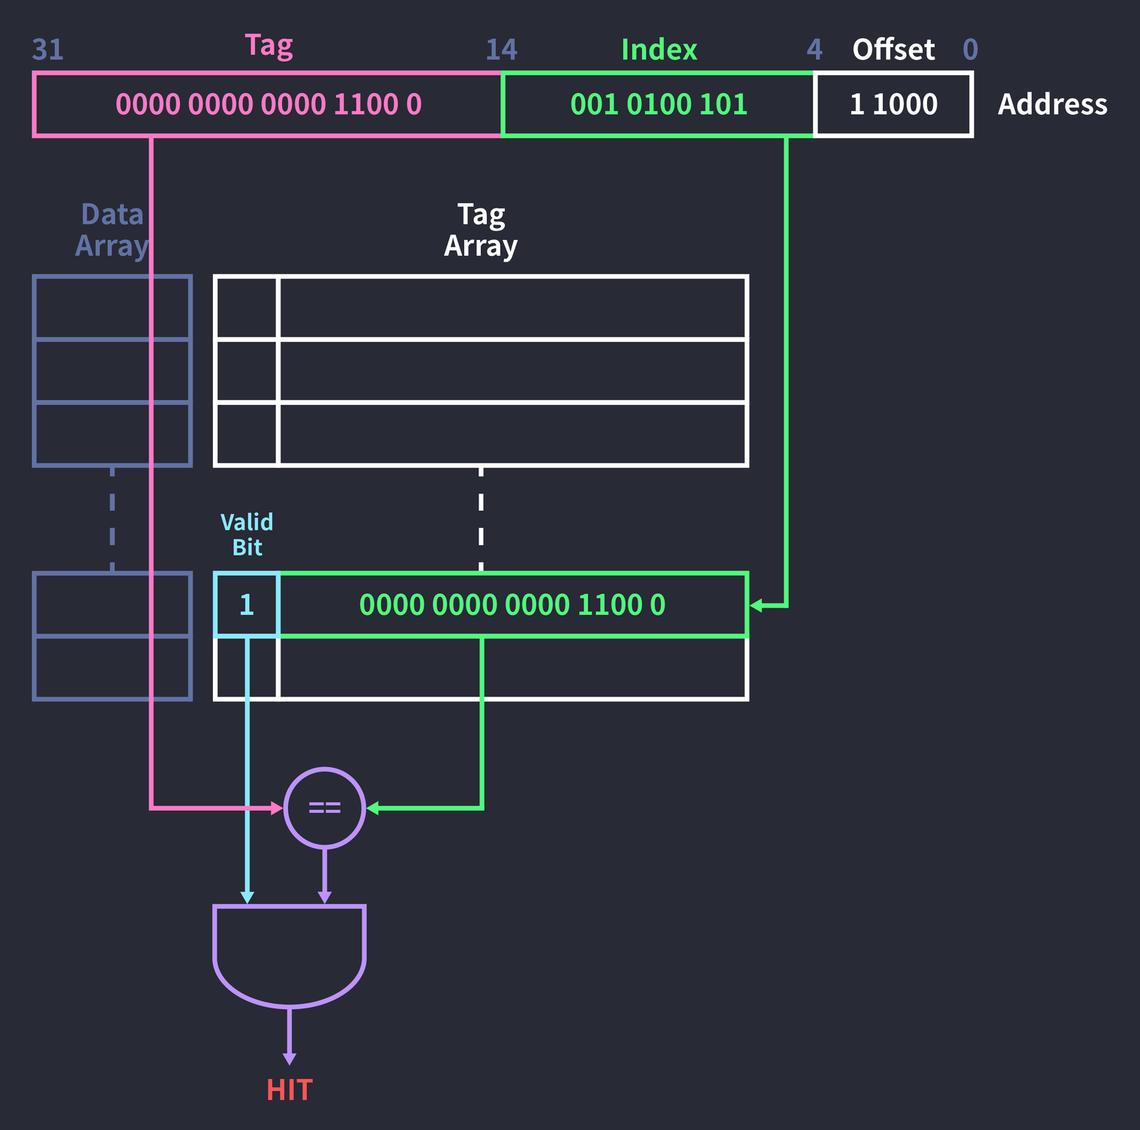 인덱스와 태그를 통해 테이터에 접근하는 과정.